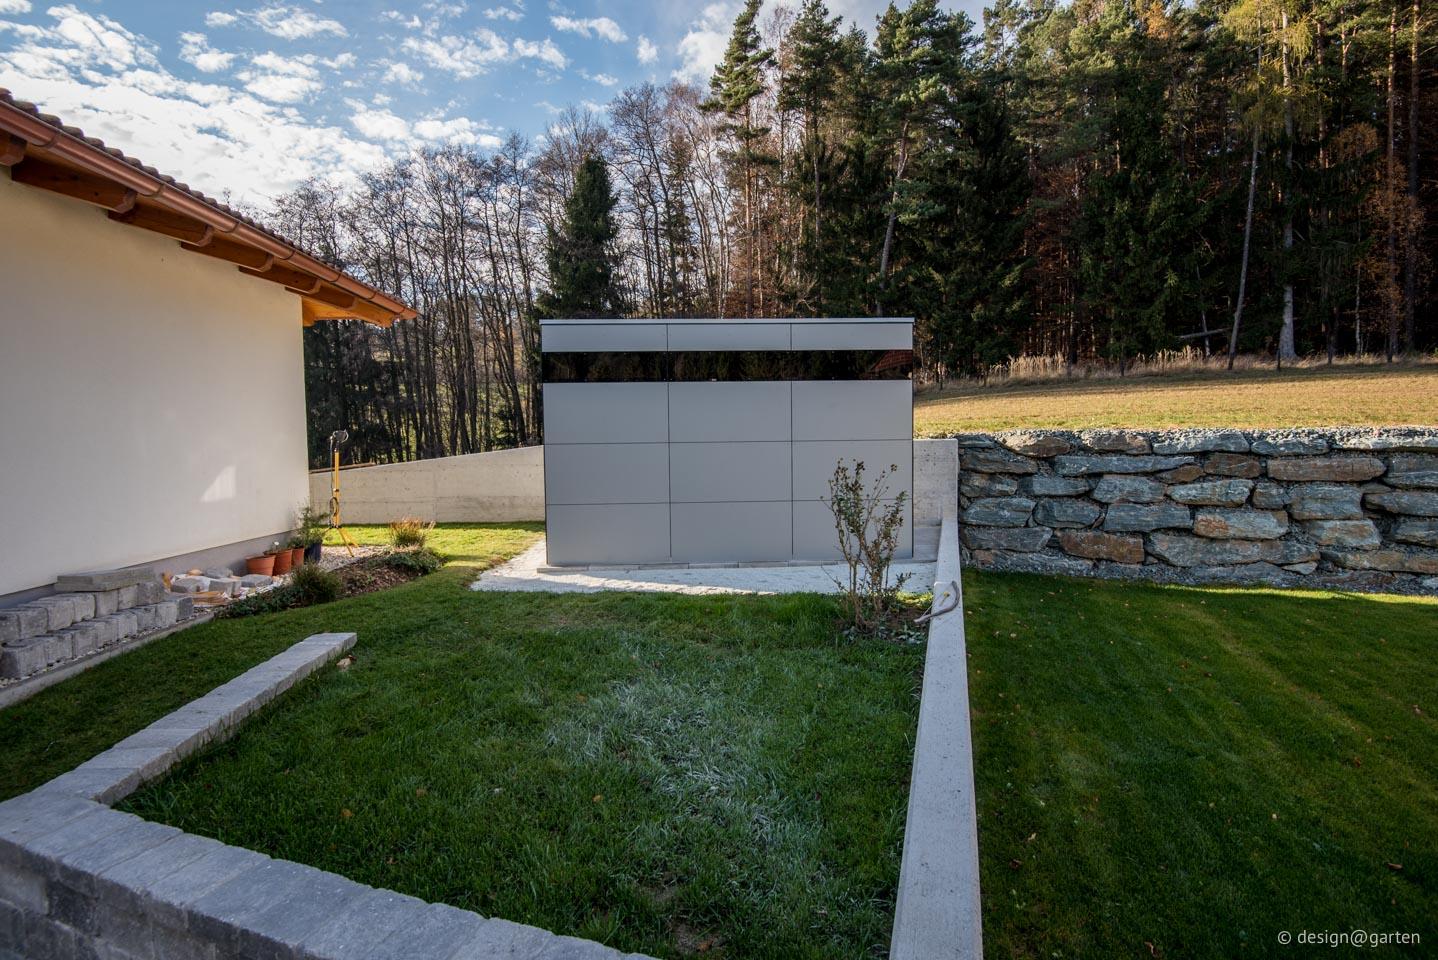 designer gartenhaus @gart drei in niederösterreich | design@garten